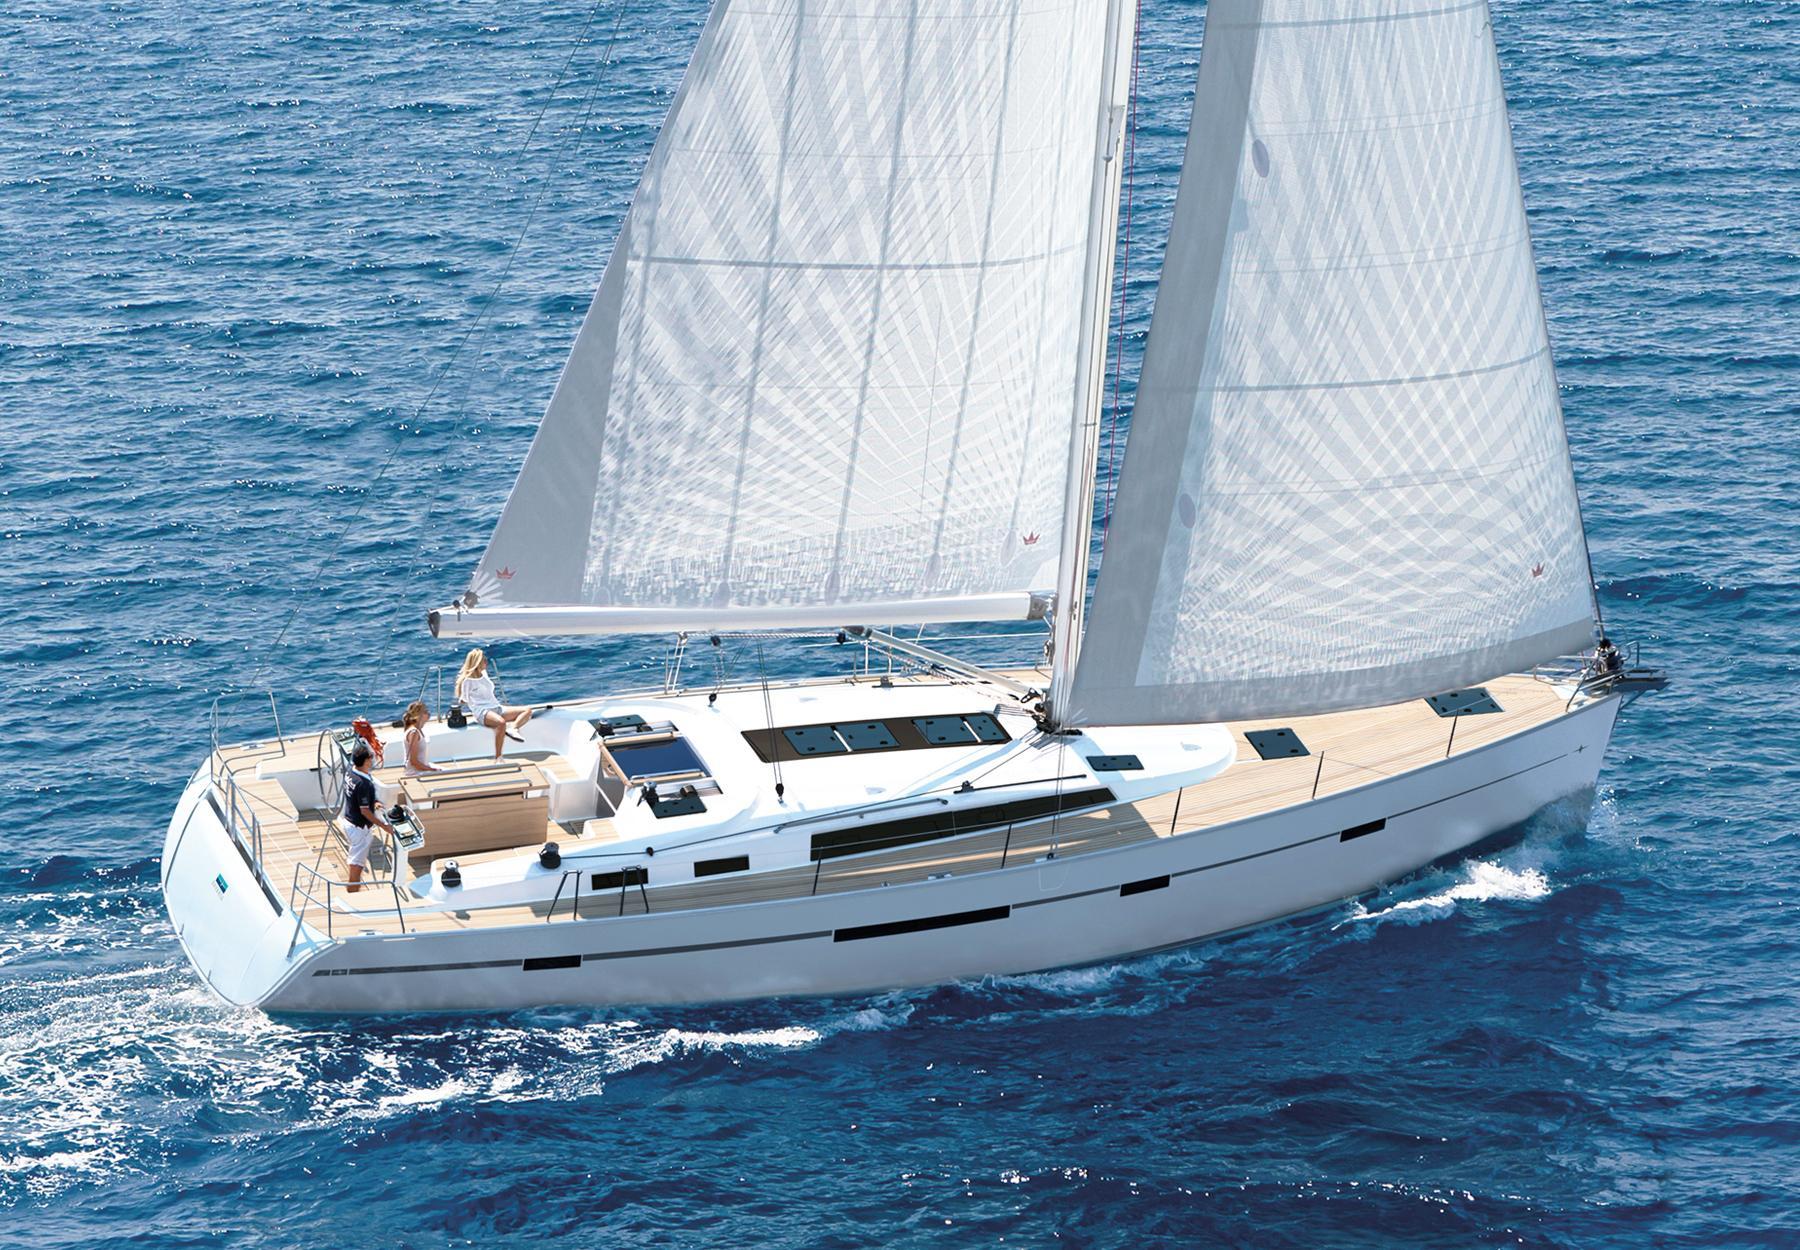 Bavaria Cruiser 56, Mystic, CT